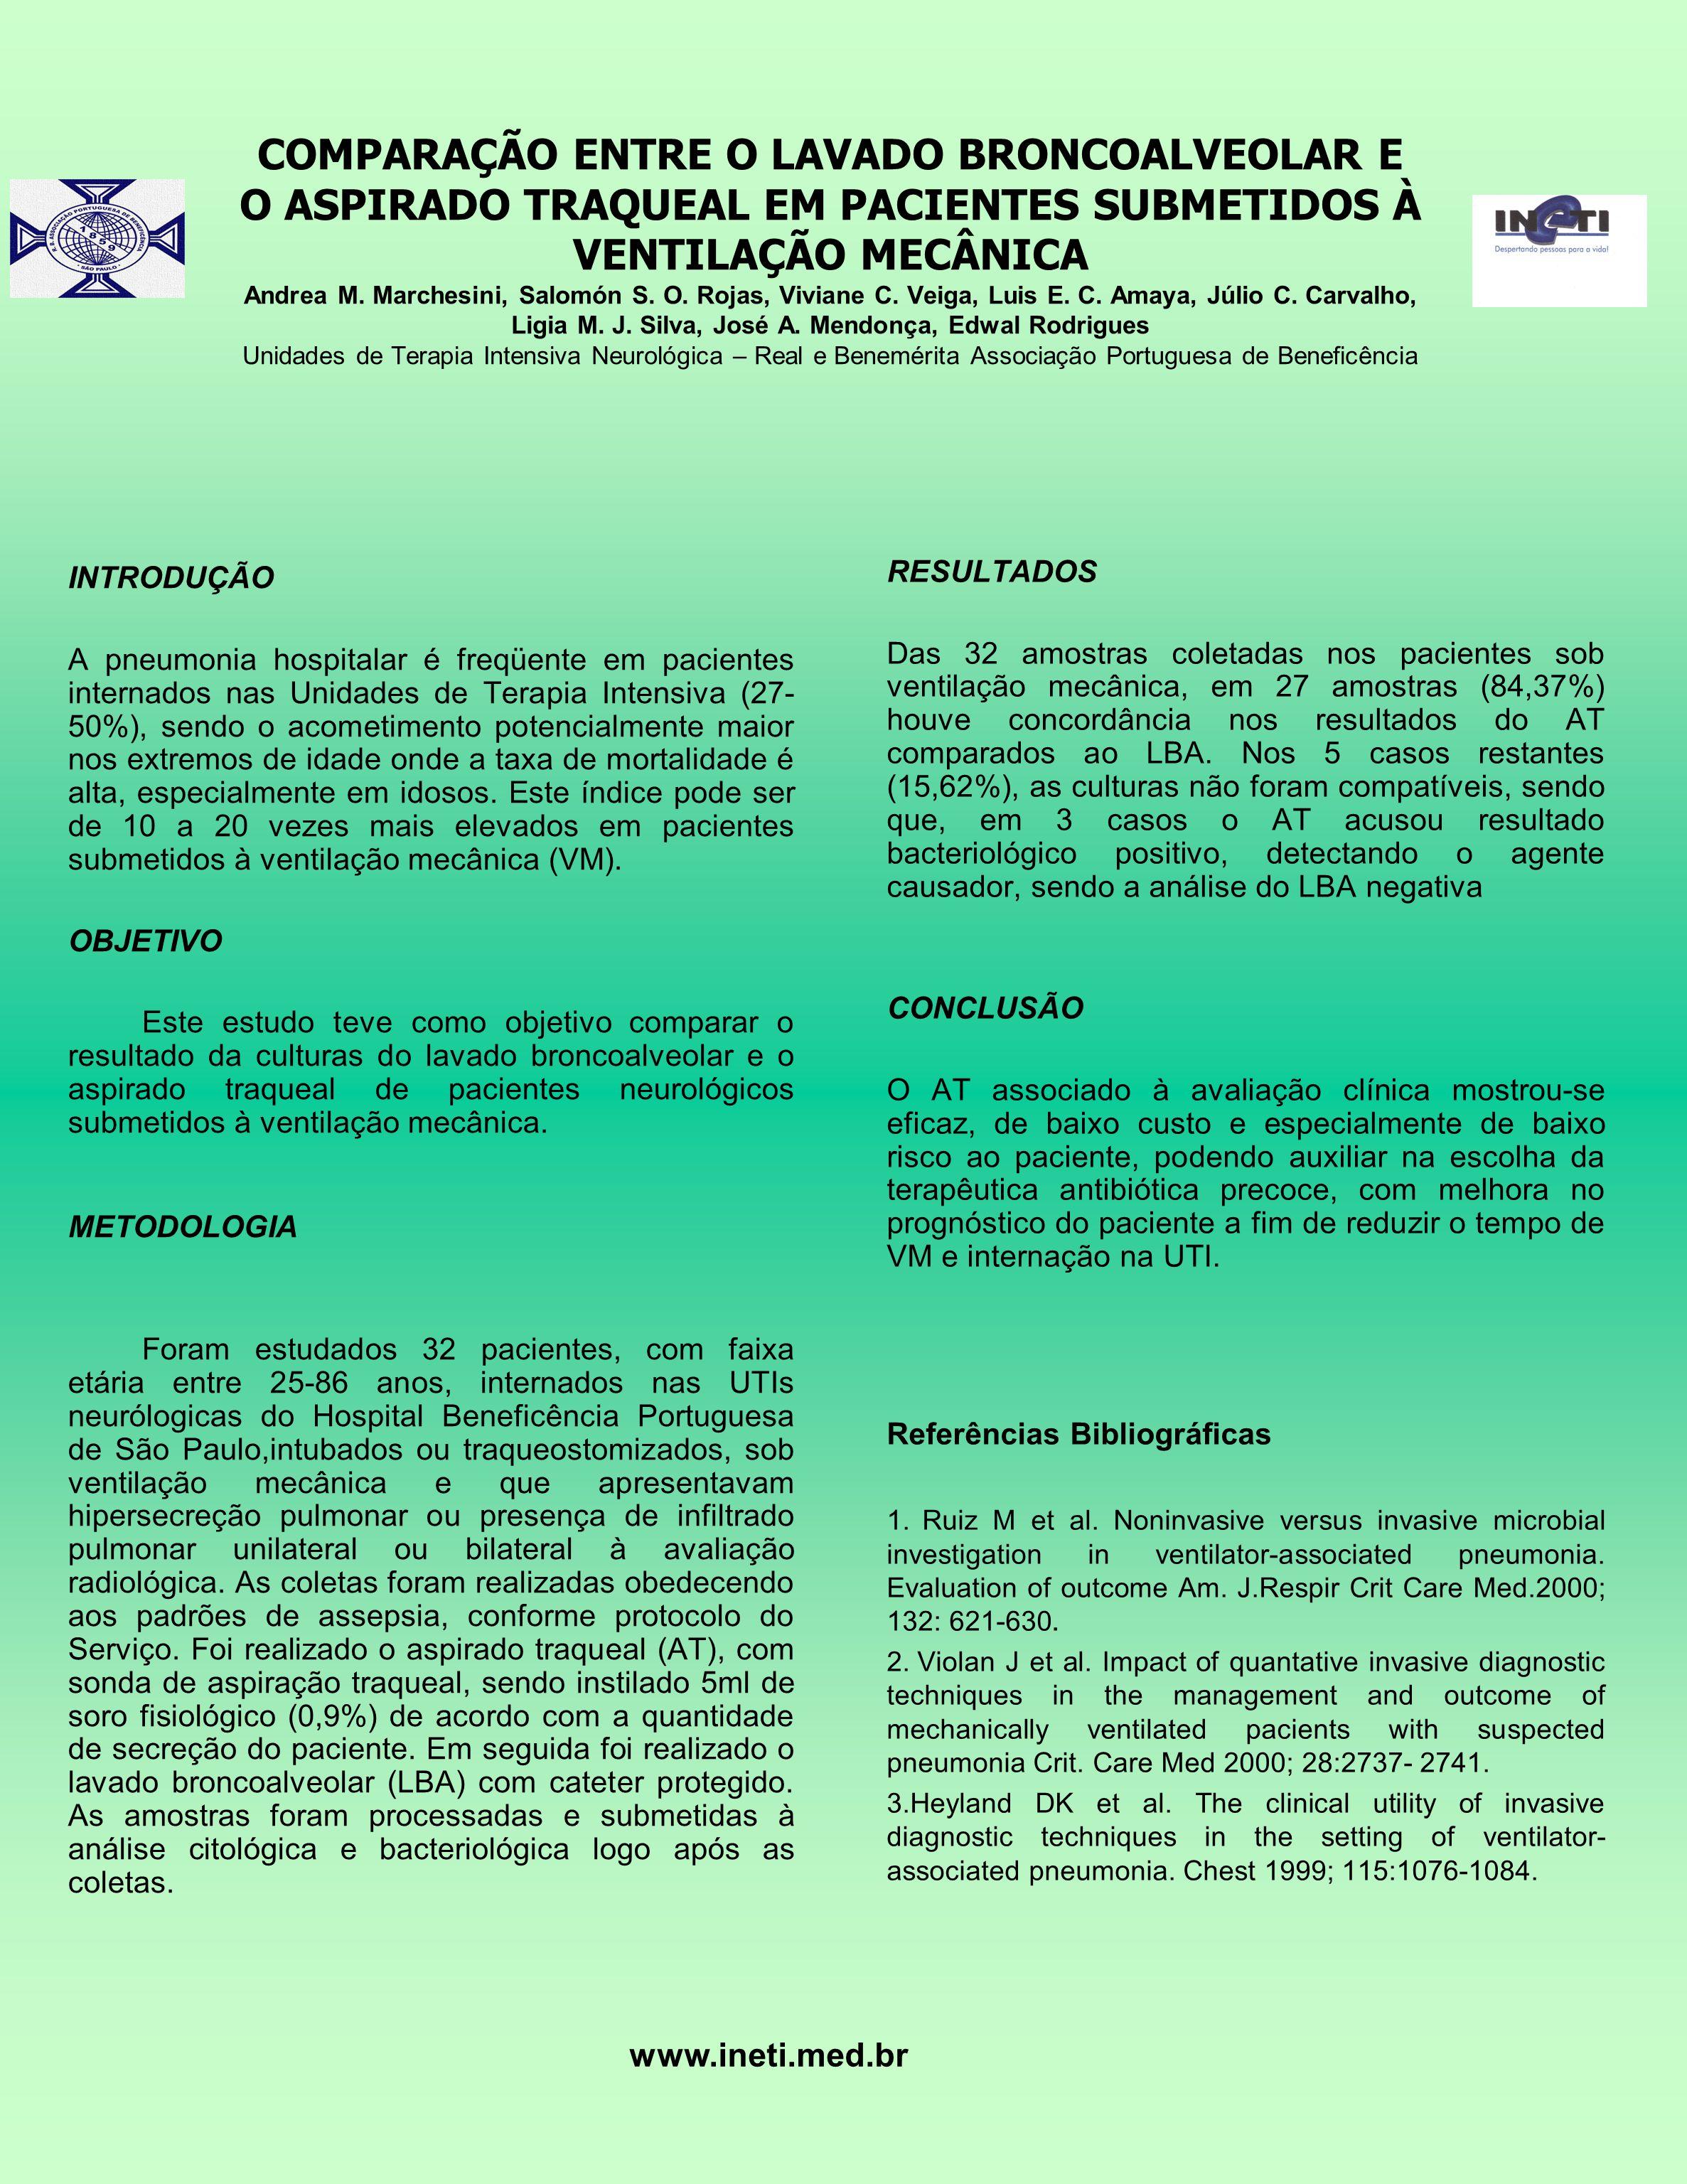 COMPARAÇÃO ENTRE O LAVADO BRONCO ALVEOLAR E O ASPIRADO TRAQUEAL EM PACIENTES SUBMETIDOS A VENTILAÇÃO MECÂNICA Andreia M.